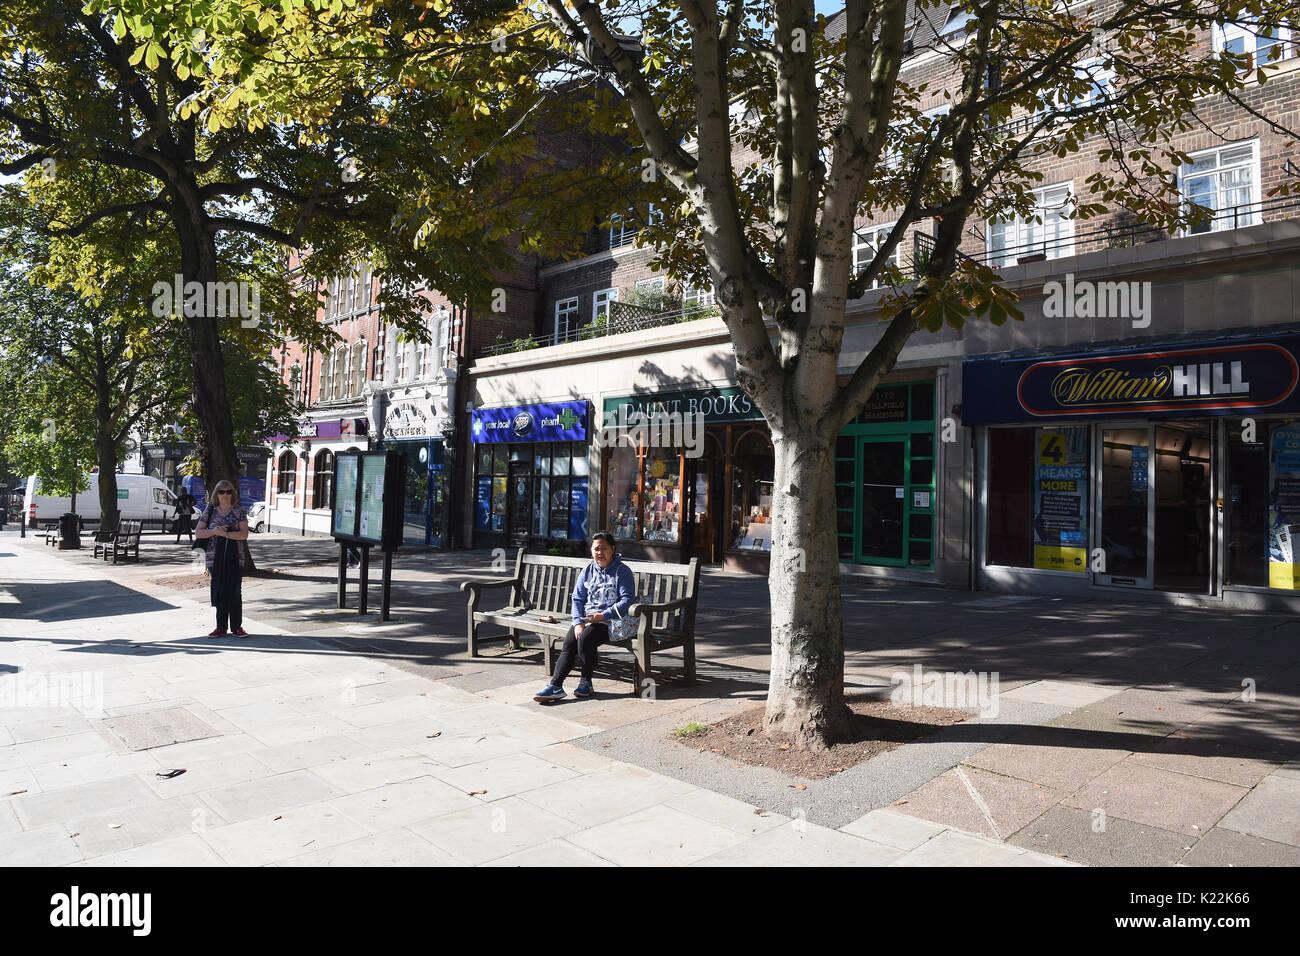 Shops on Haverstock Hill,Belsize Park,London.UK - Stock Image